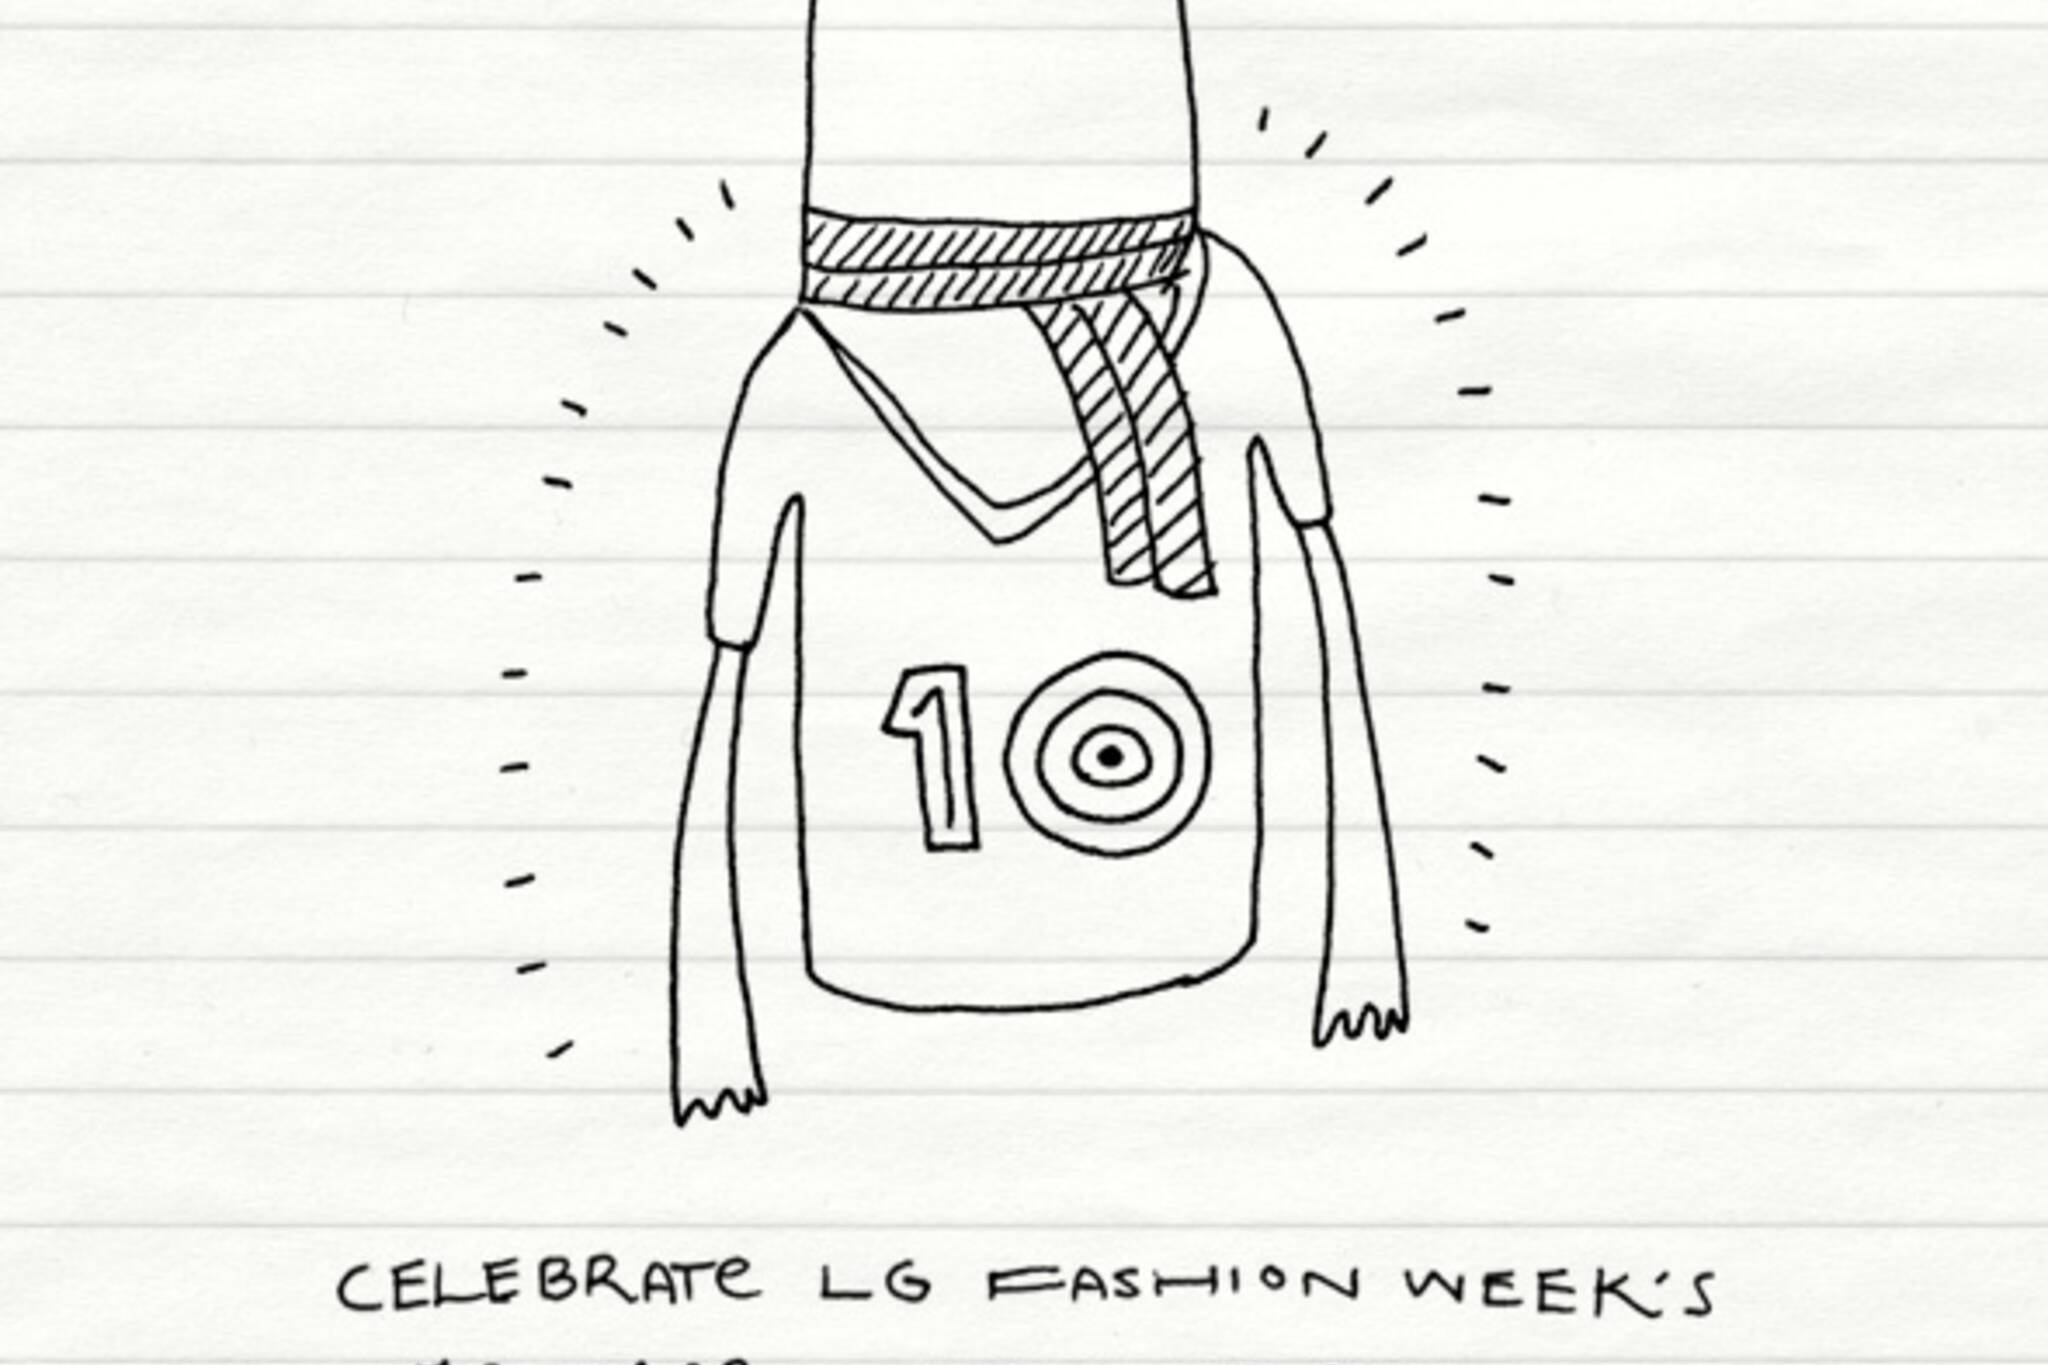 noteTOself fashion week t shirt